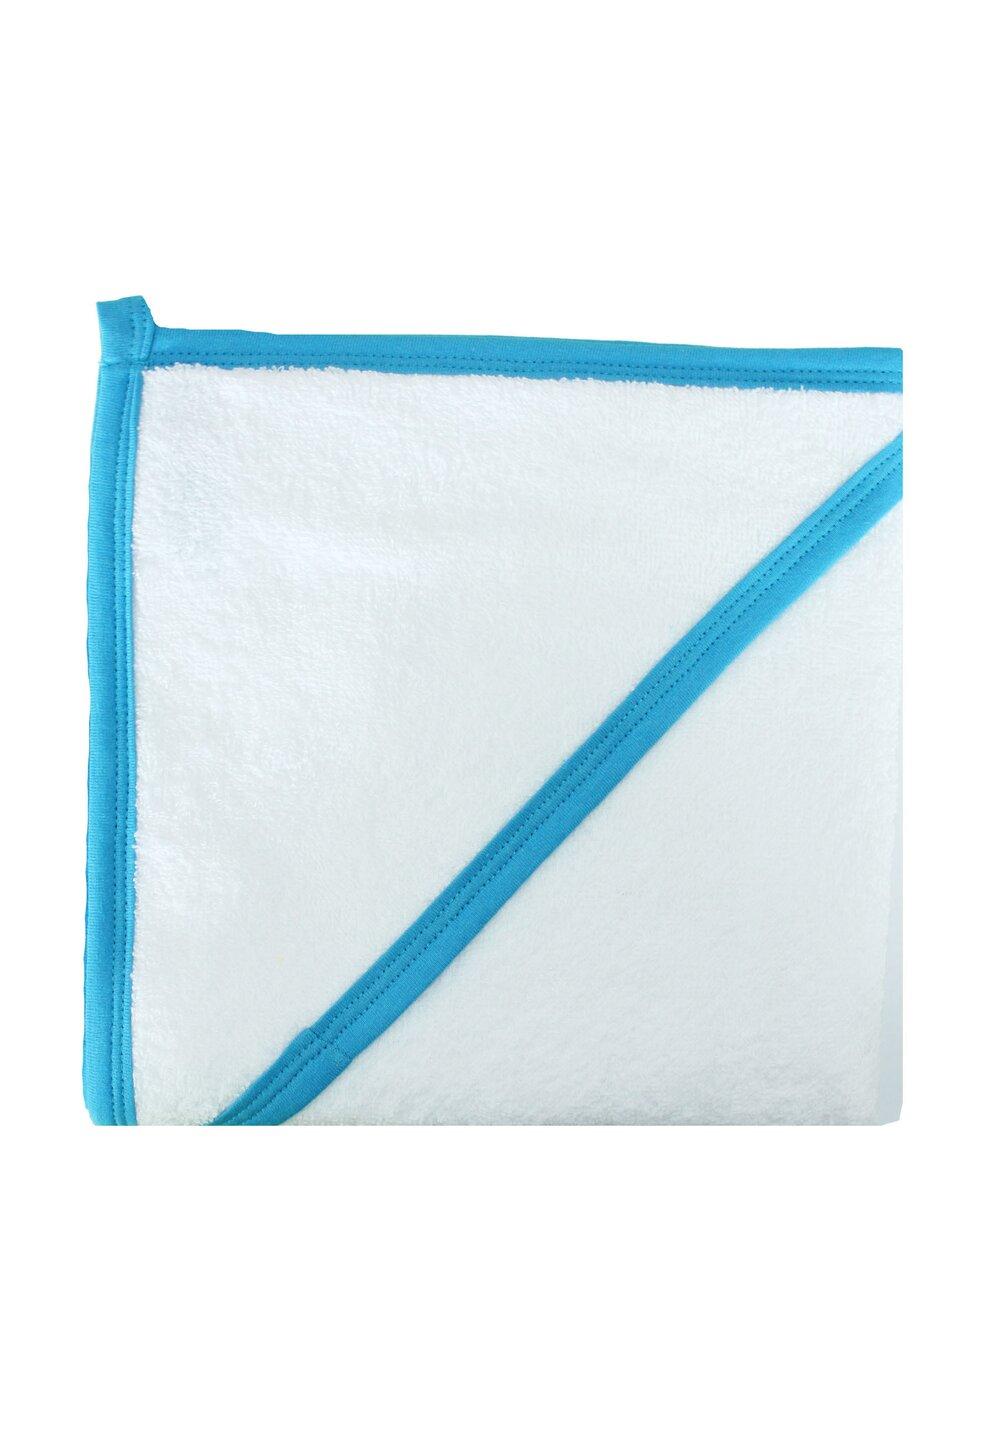 Prosop bumbac, alb cu margine turcoaz, 75 x 75 cm imagine